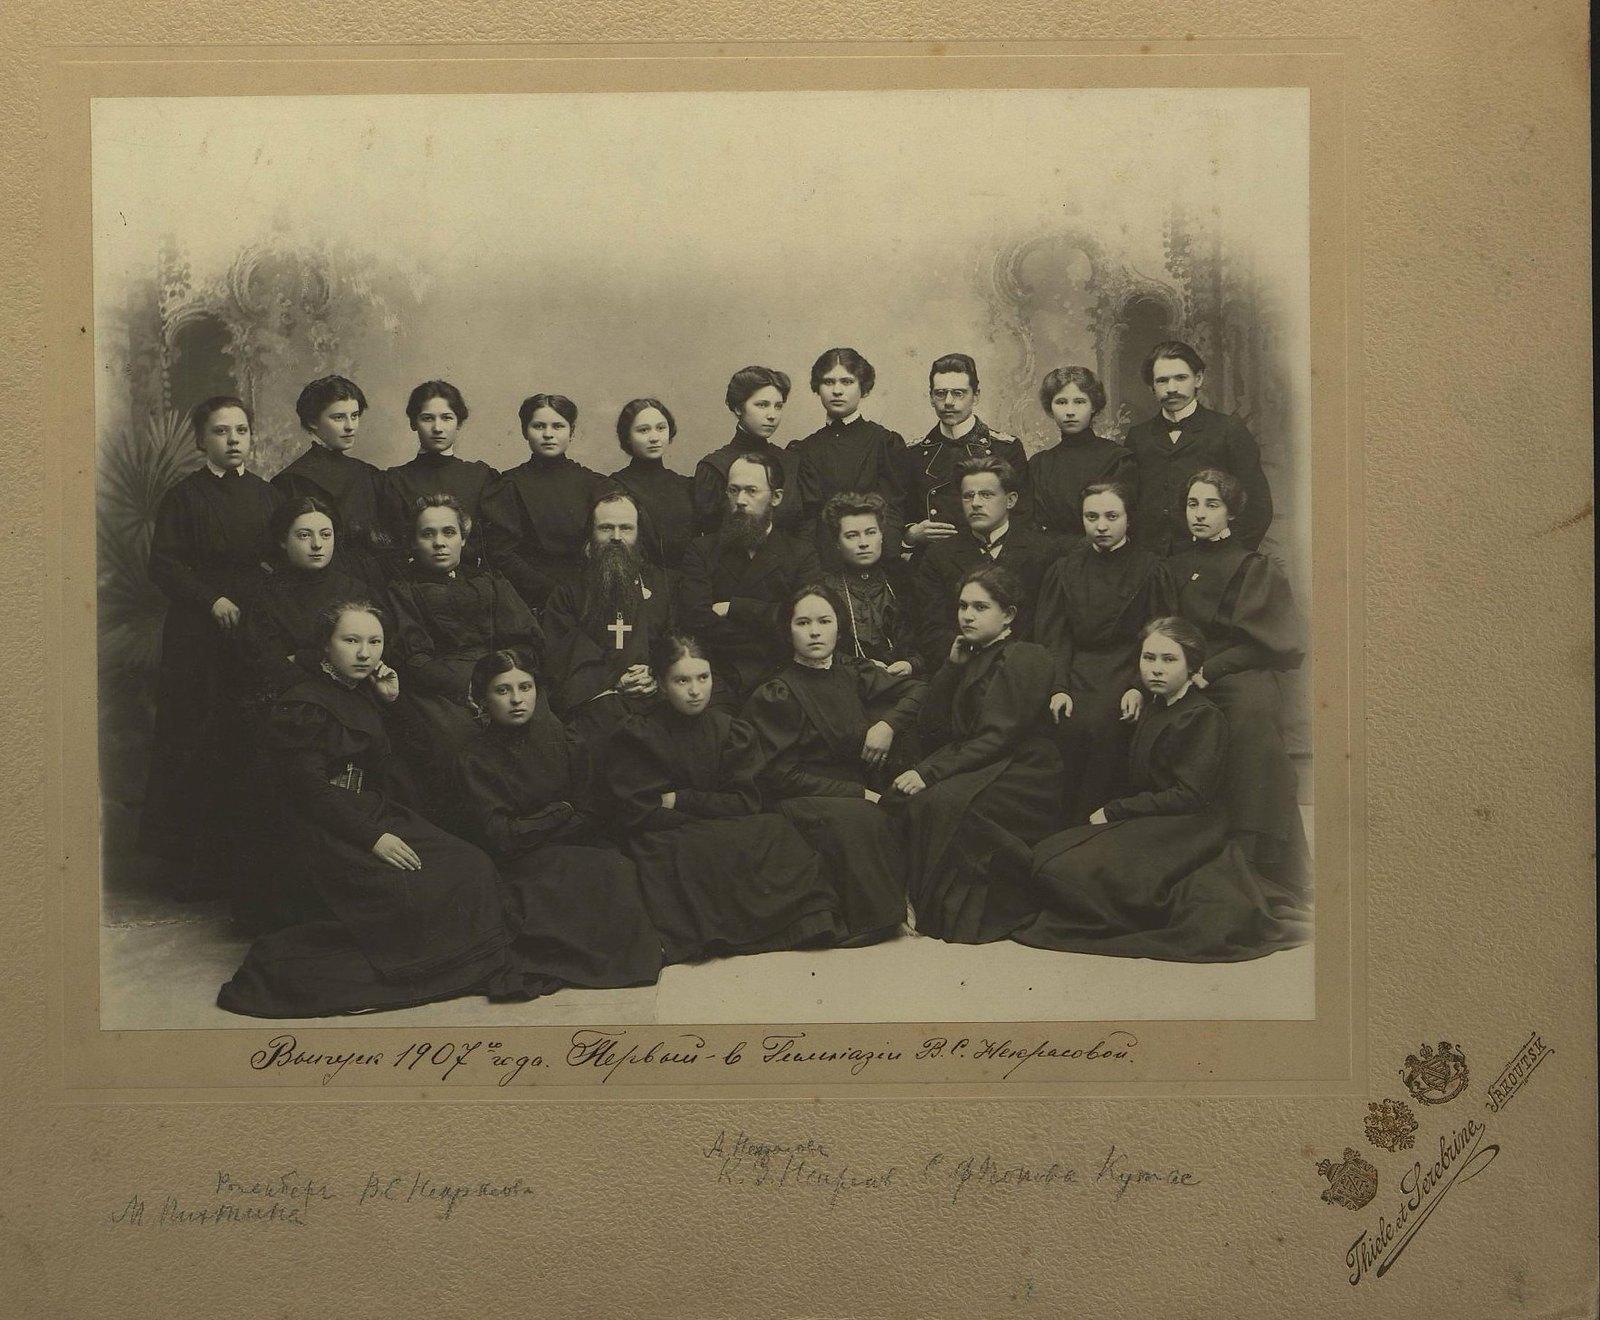 14. Первый выпуск гимназии В.С. Некрасовой. 1907